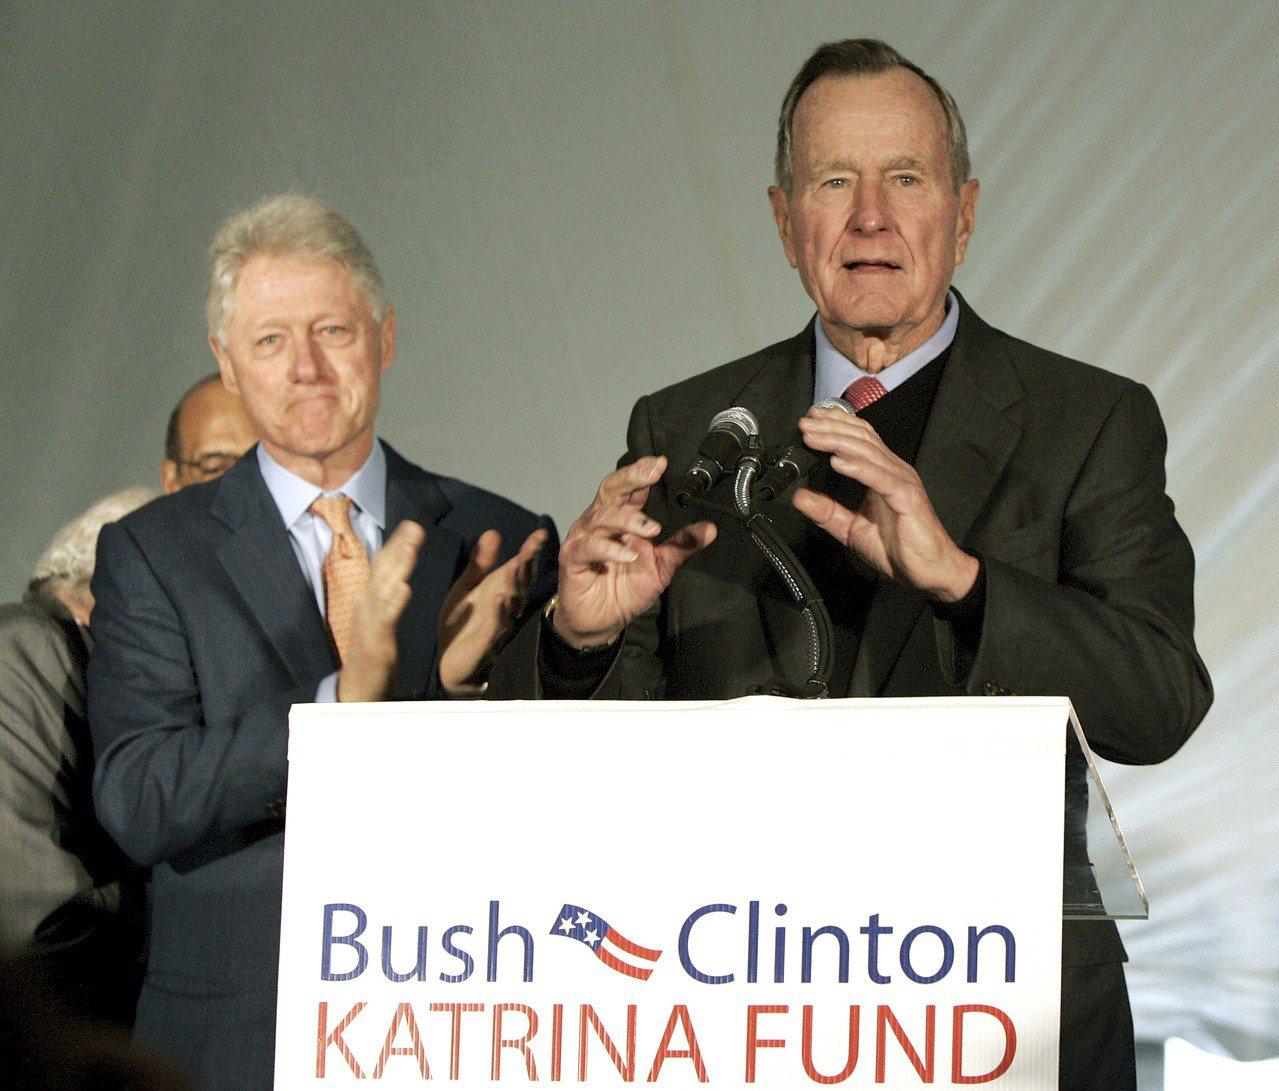 即使選戰時互為對立政黨,在卸任後也能化敵為友,老布希與柯林頓兩位前總統為美國現代...